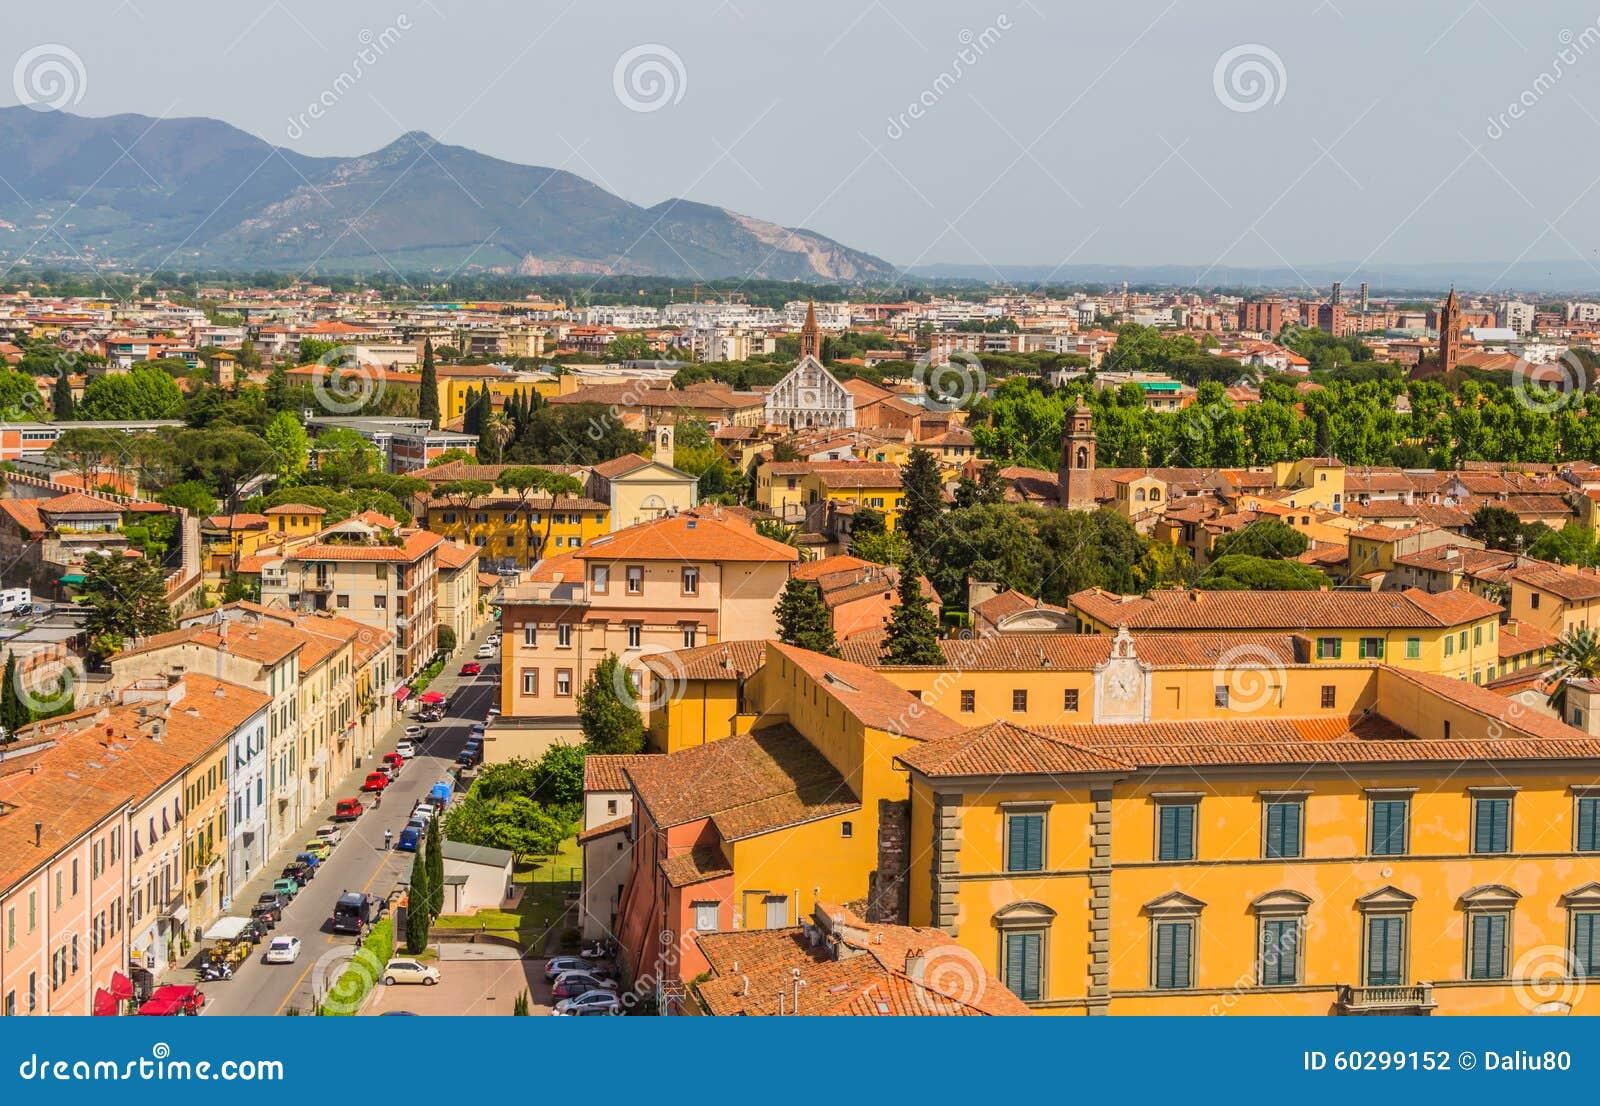 Itália: vista da cidade velha de Pisa da torre inclinada